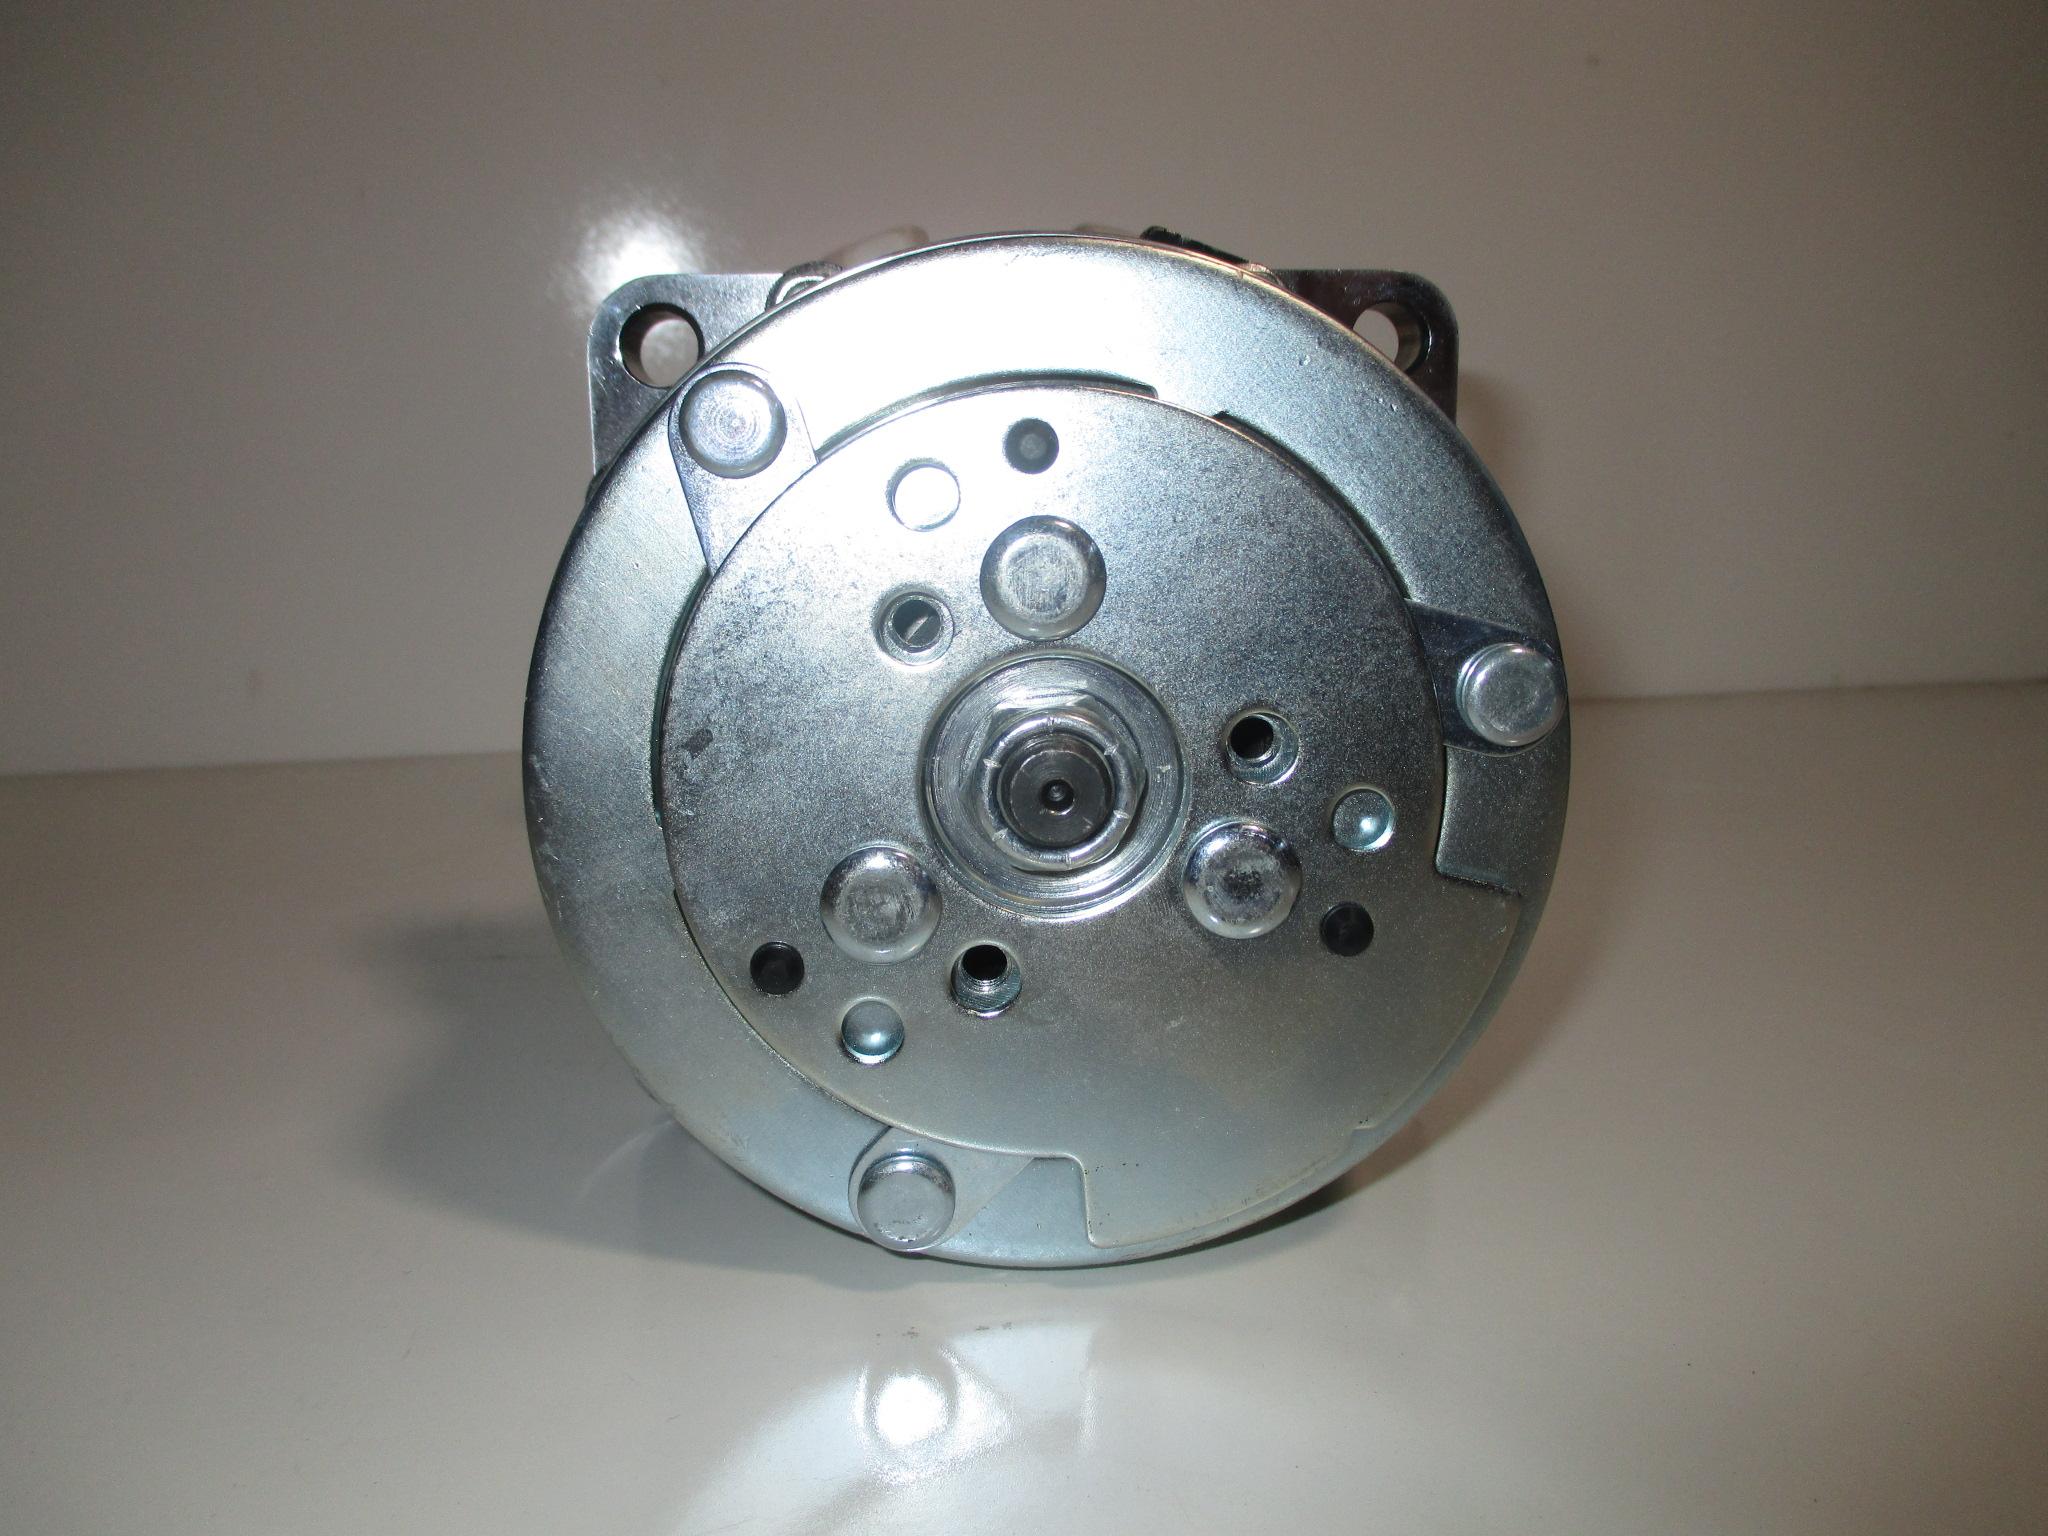 Air Compressor Serpentine Belt : Sanden style air conditioning compressor serpentine